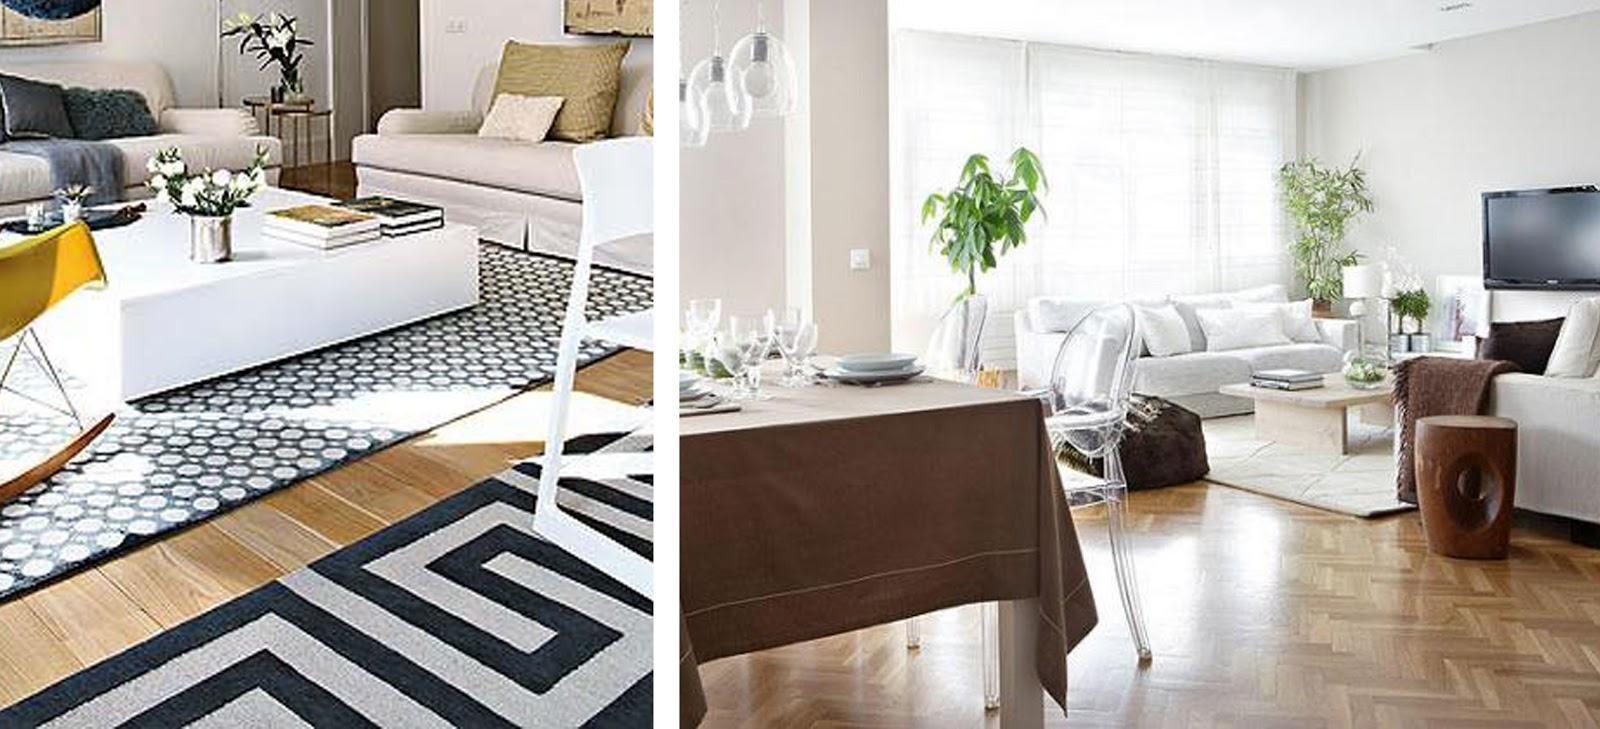 Decoración con alfombras - Paperblog